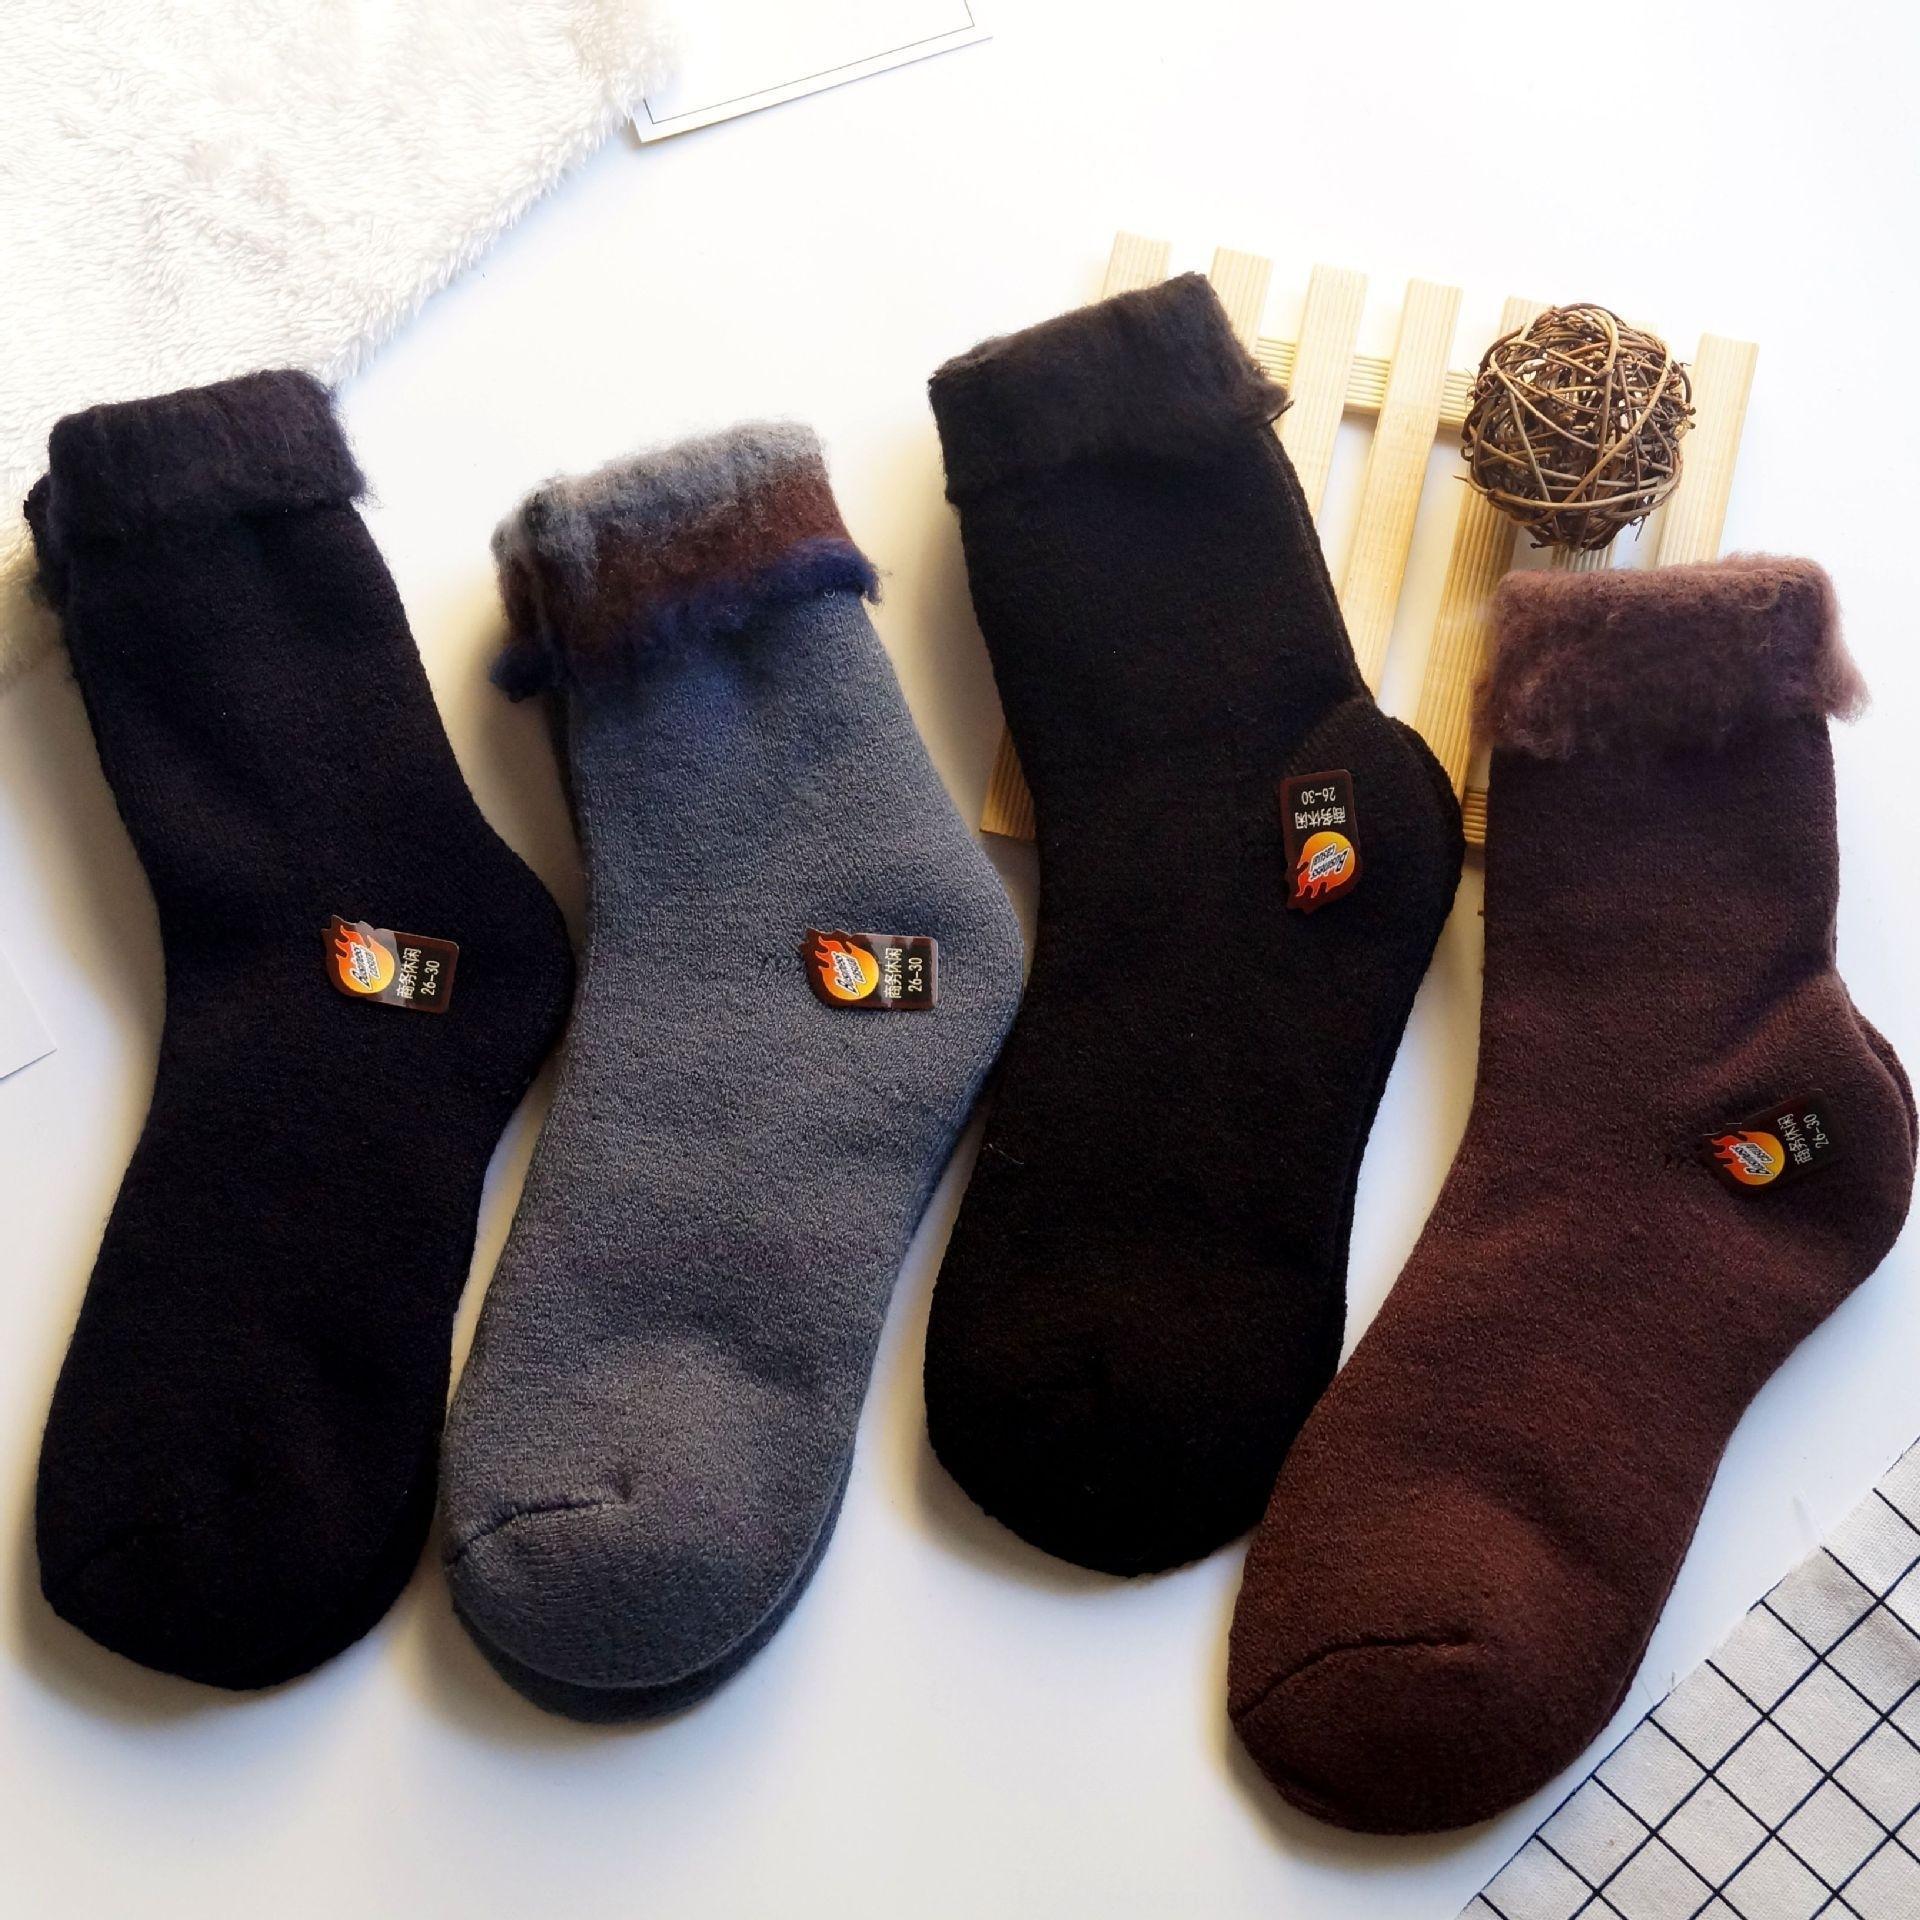 GI67k verdickte warme Fell Winter warme Wolle Farbe feste Herrensocken Socken lange Wolle verdickte Terrys Männer